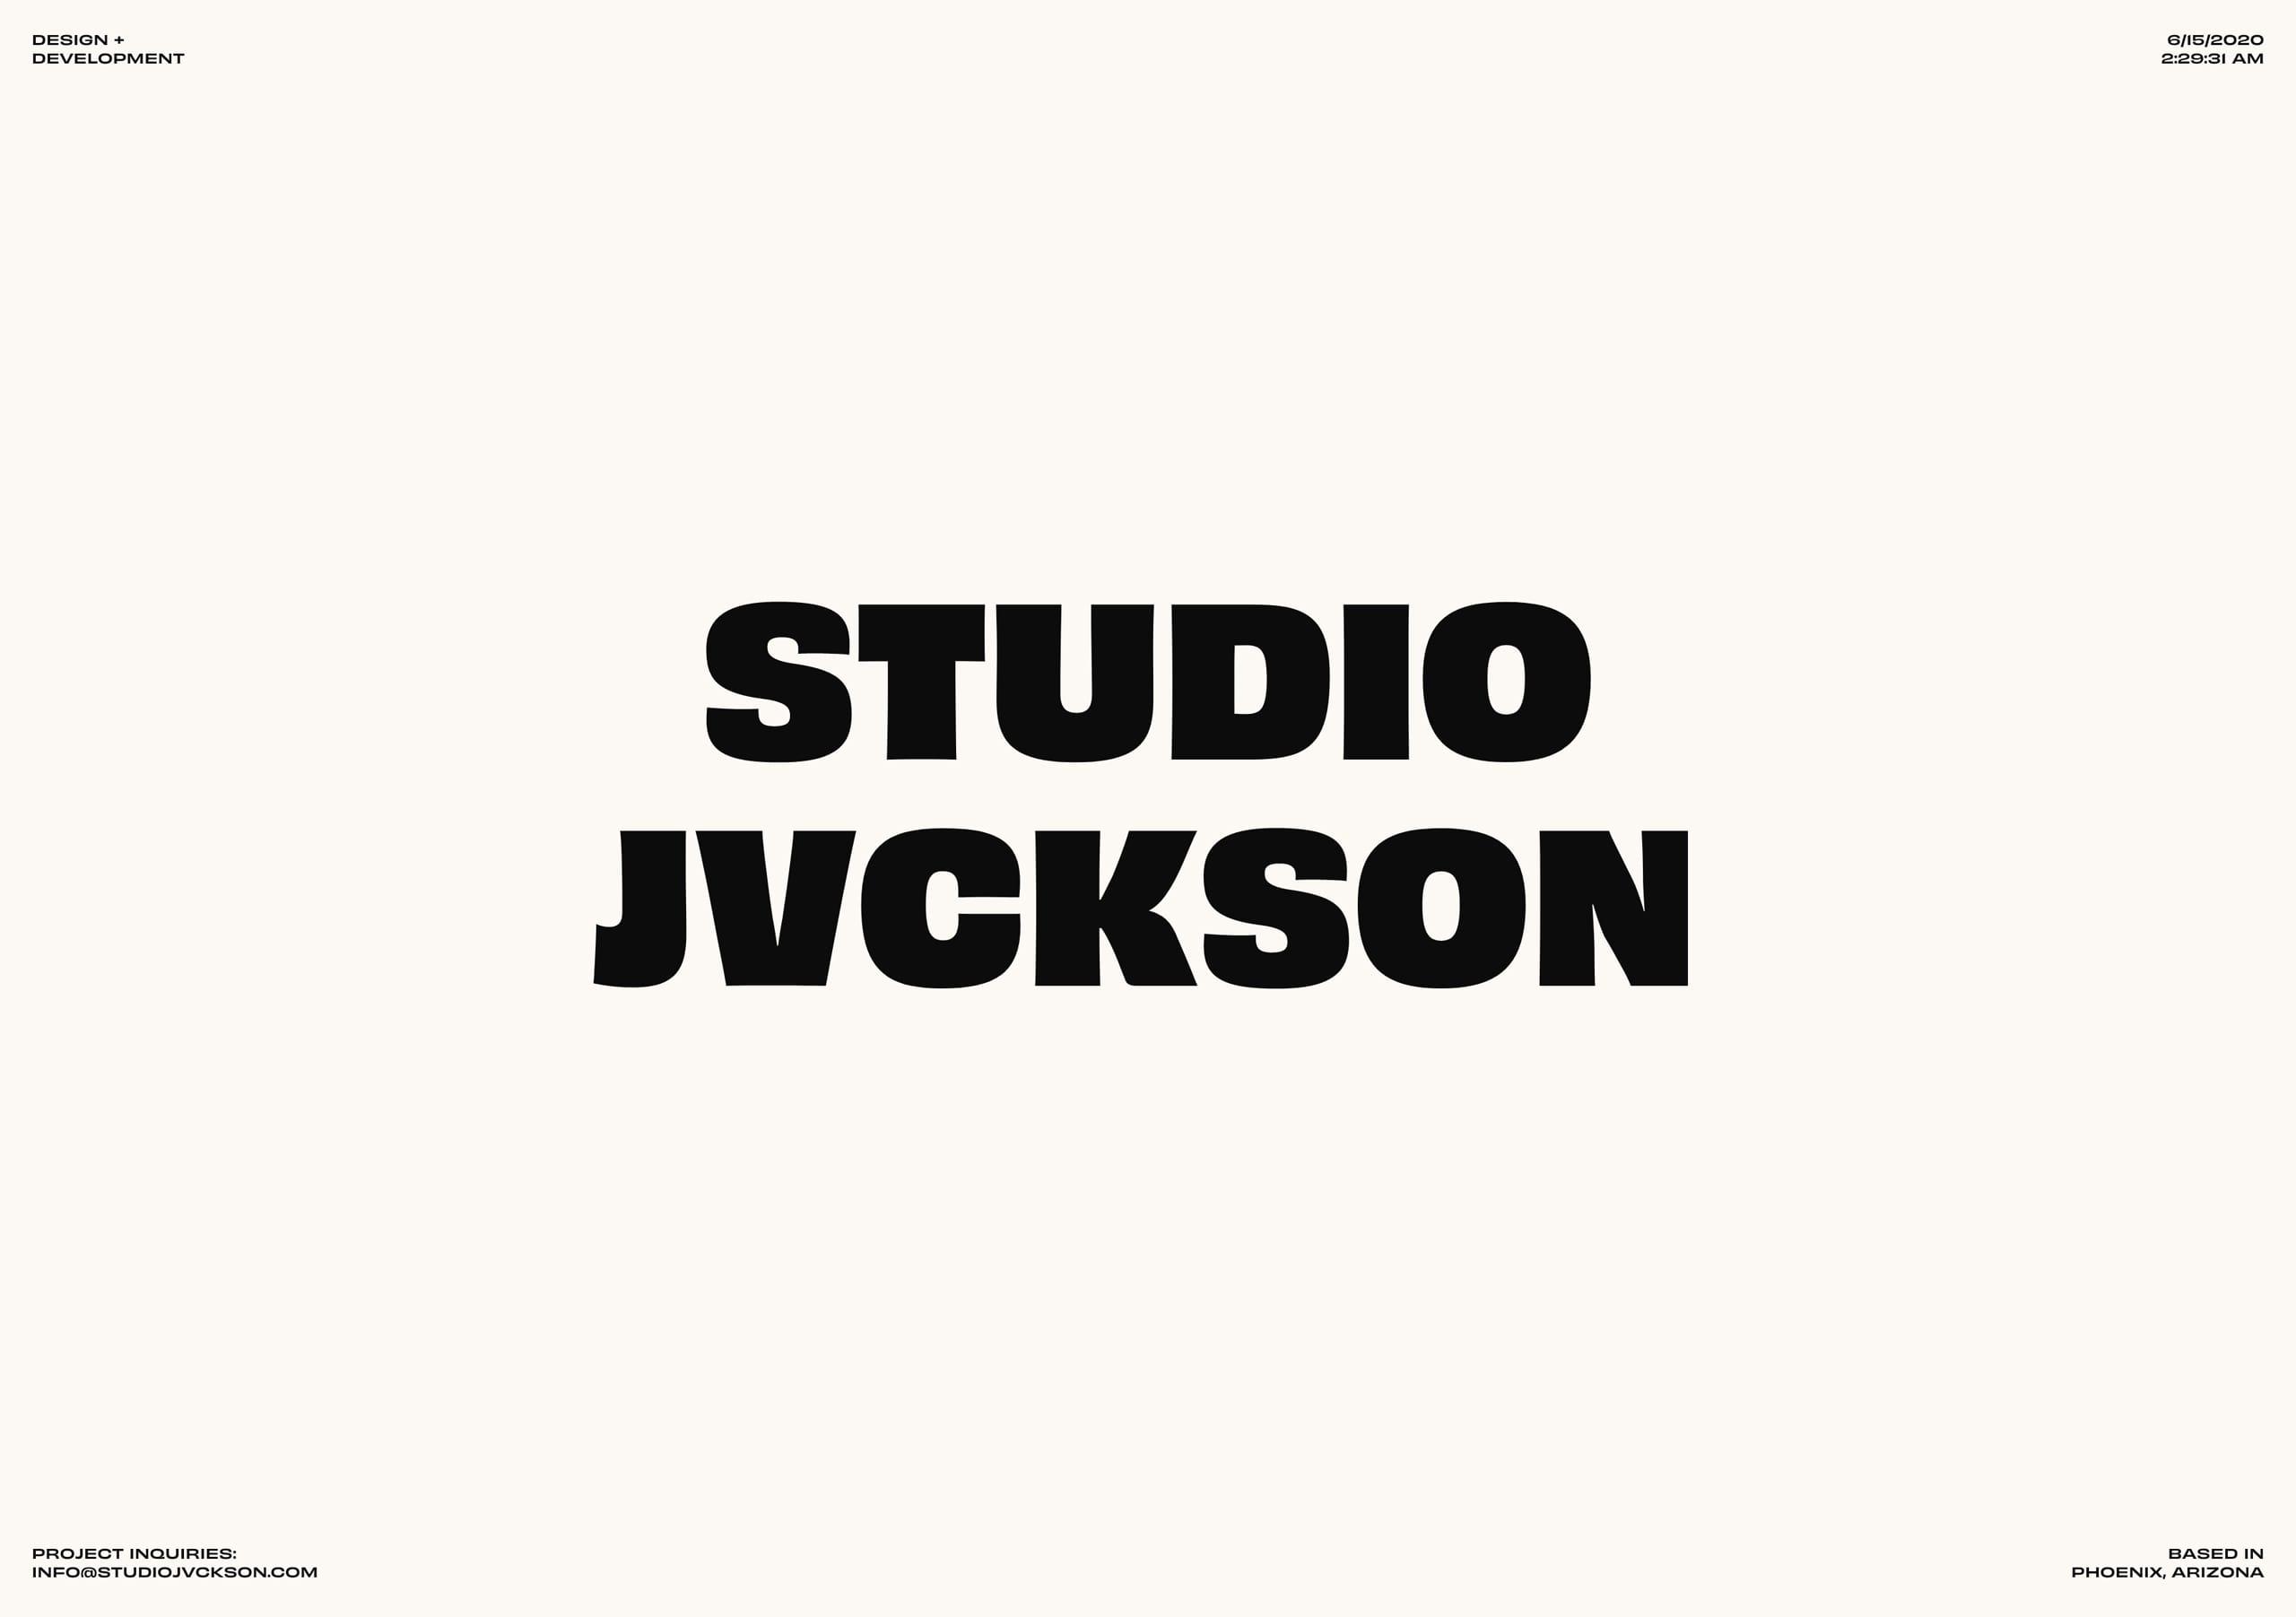 Studio Jvckson Website Screenshot